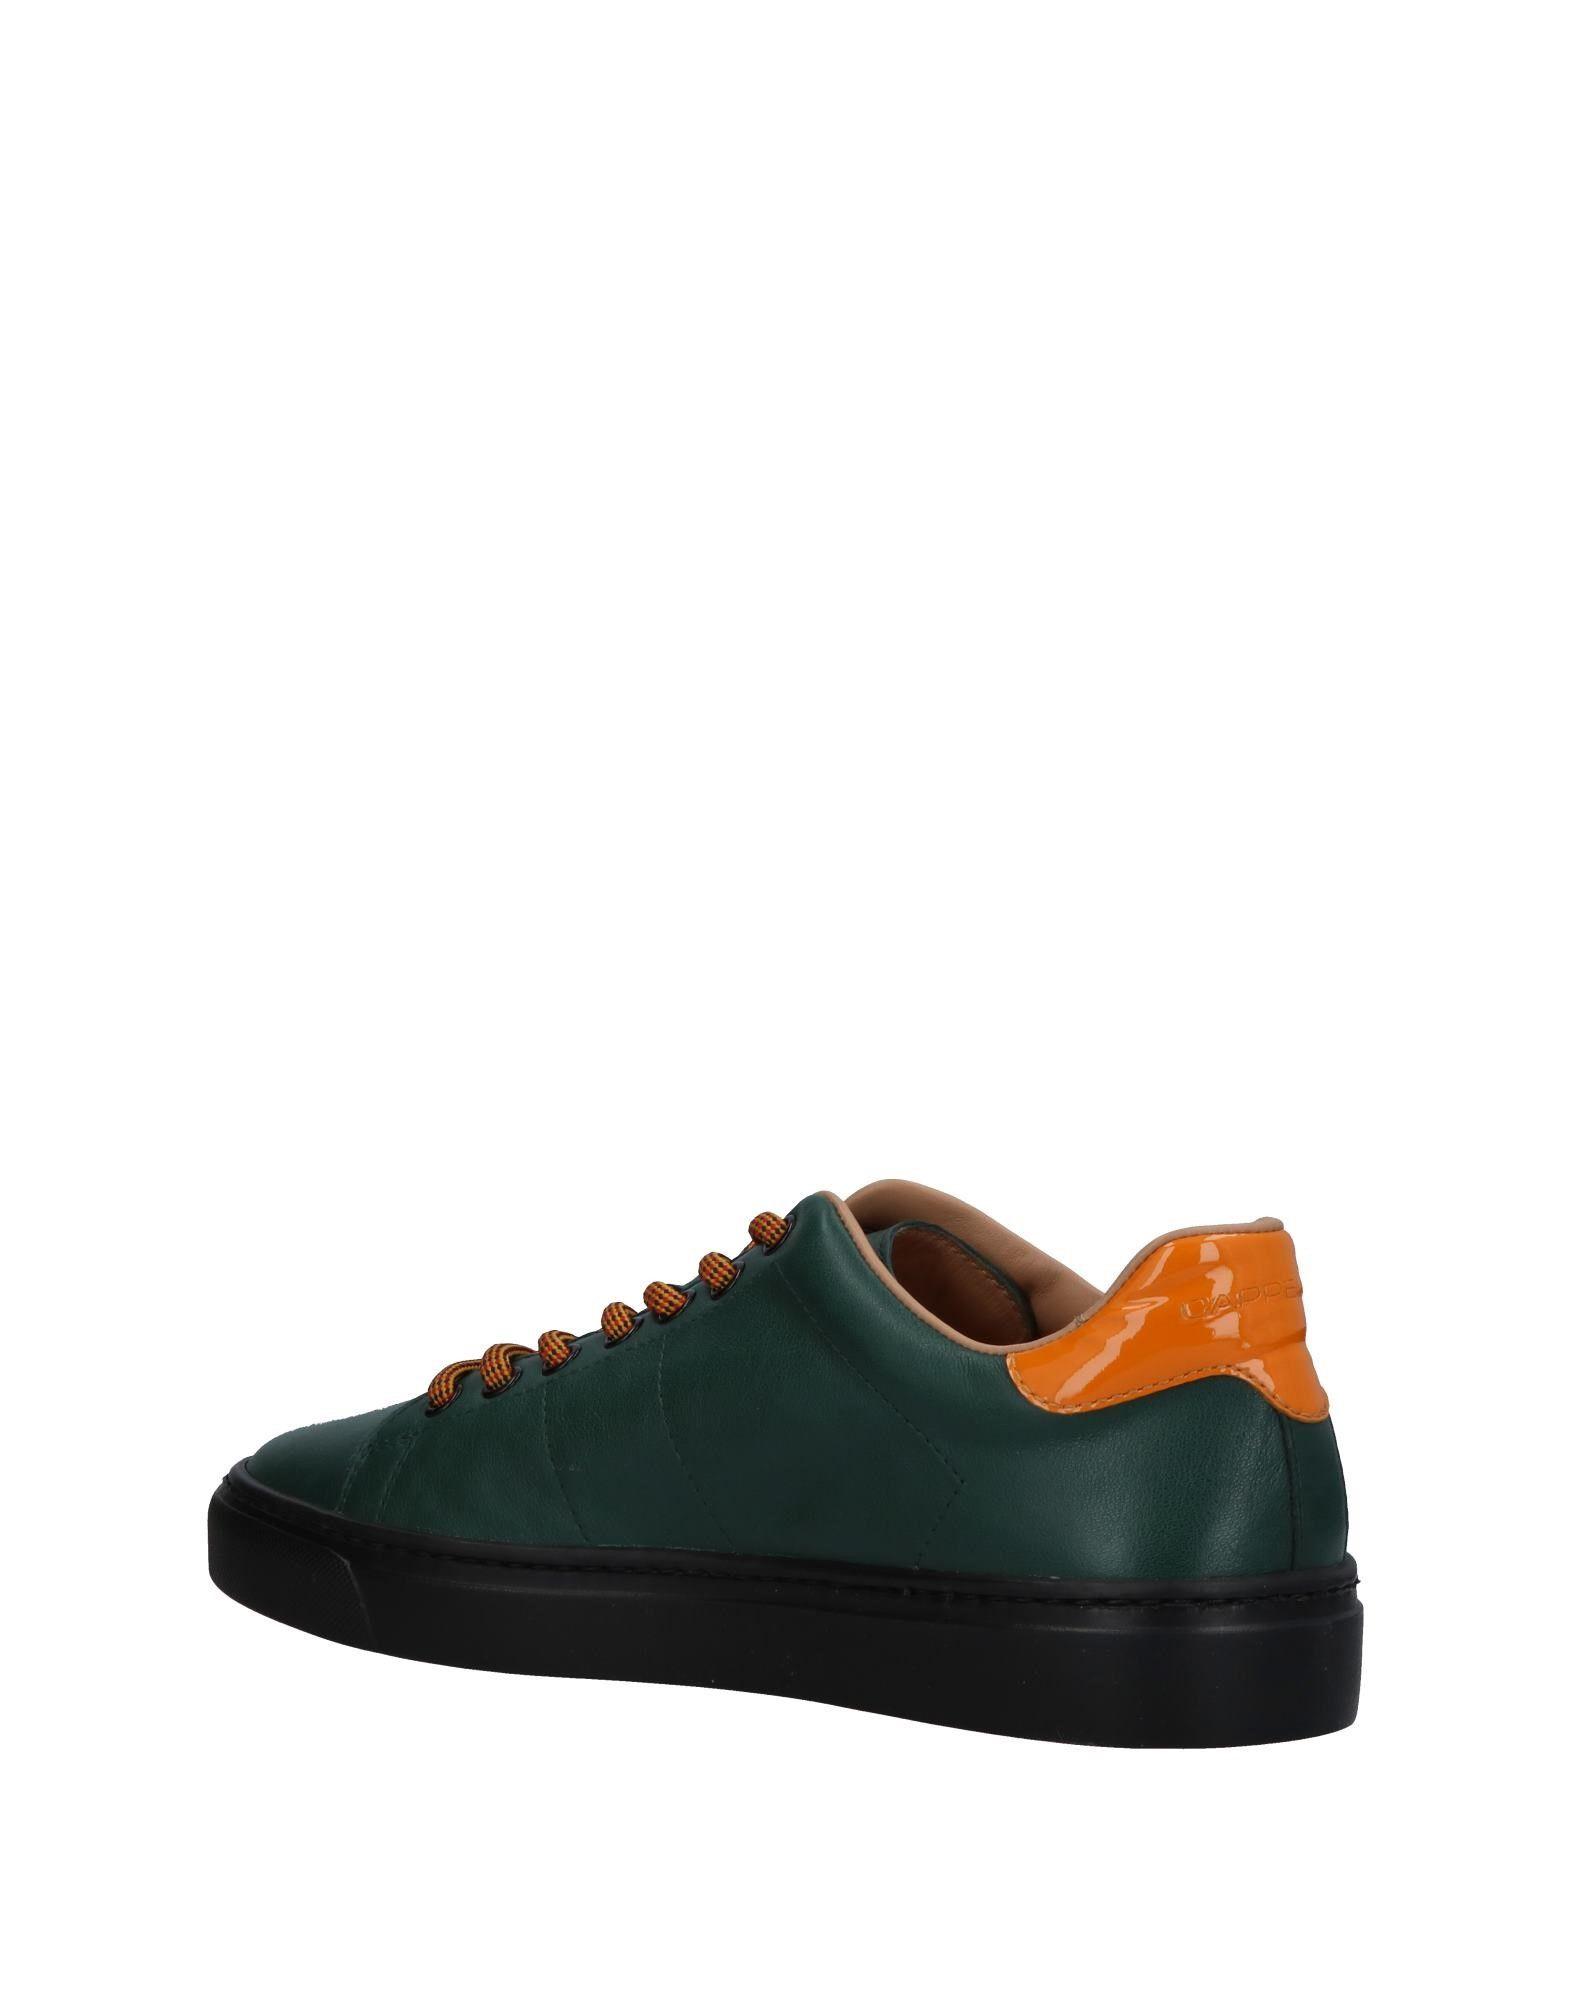 Cappelletti Sneakers Damen  11387869GG Gute Qualität beliebte Schuhe